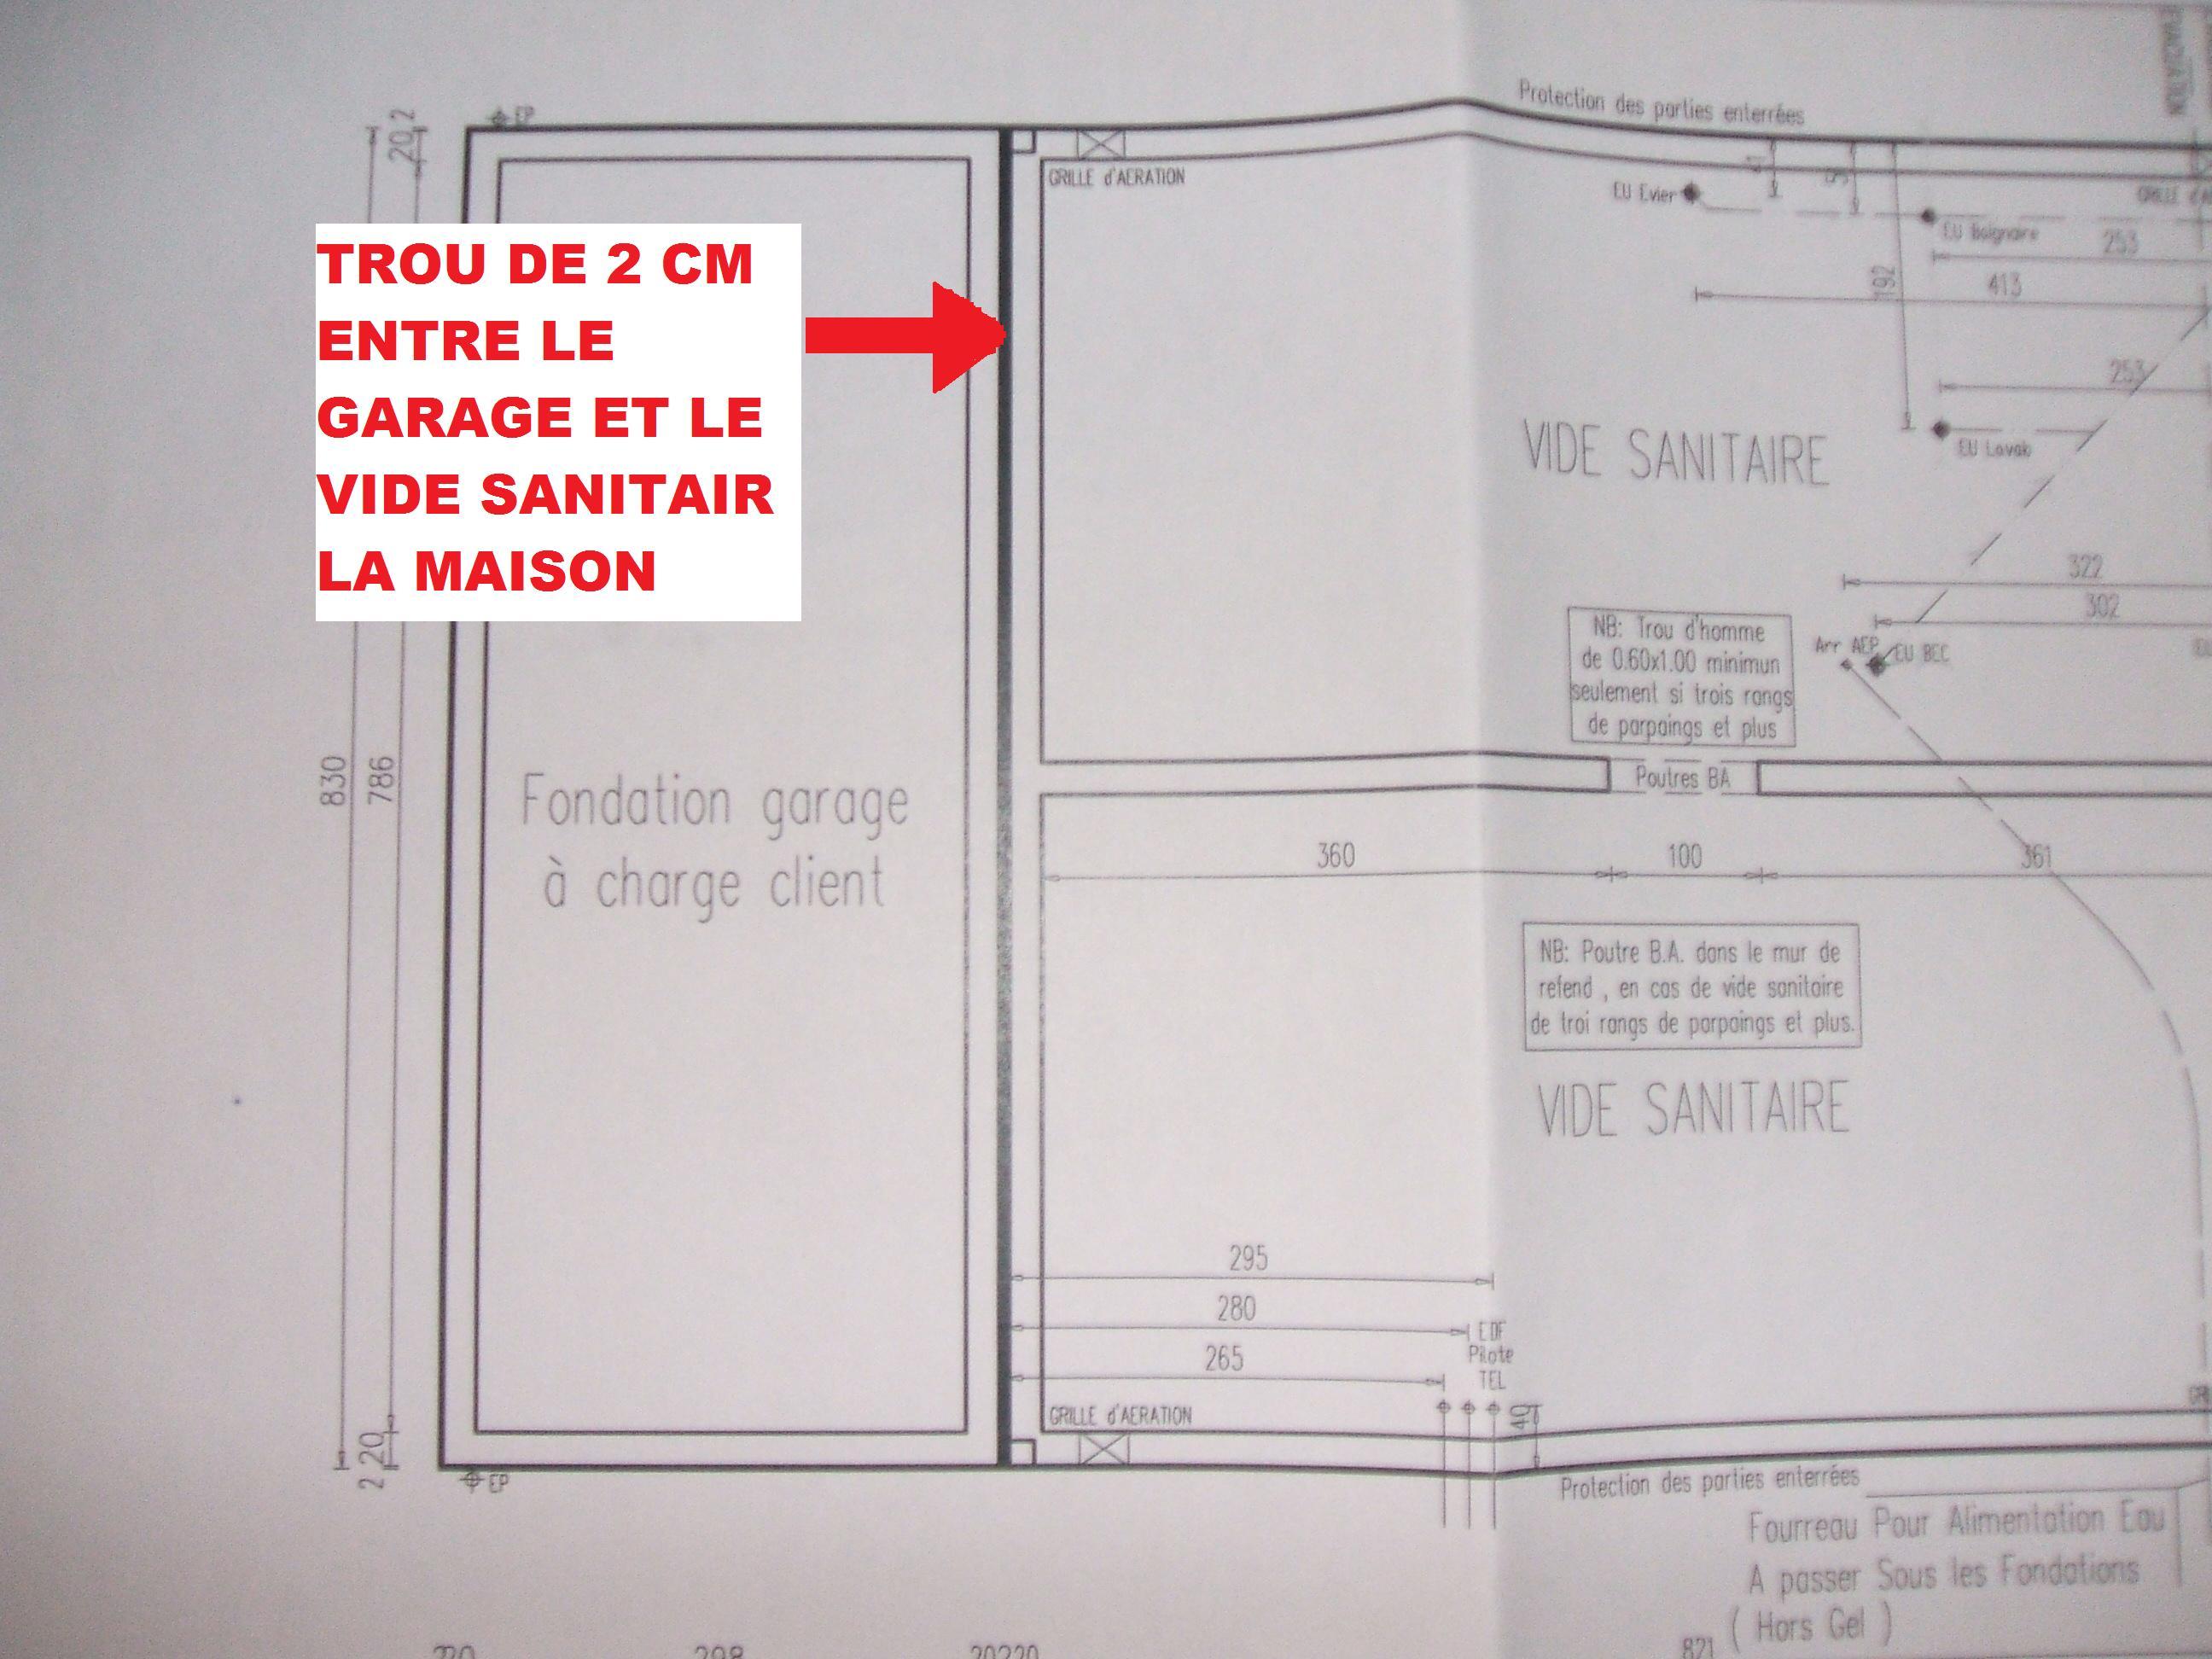 Faut 39 il combler un trou de 2cm entre le garage et le vide sanitaire - Vide sanitaire maison passive ...